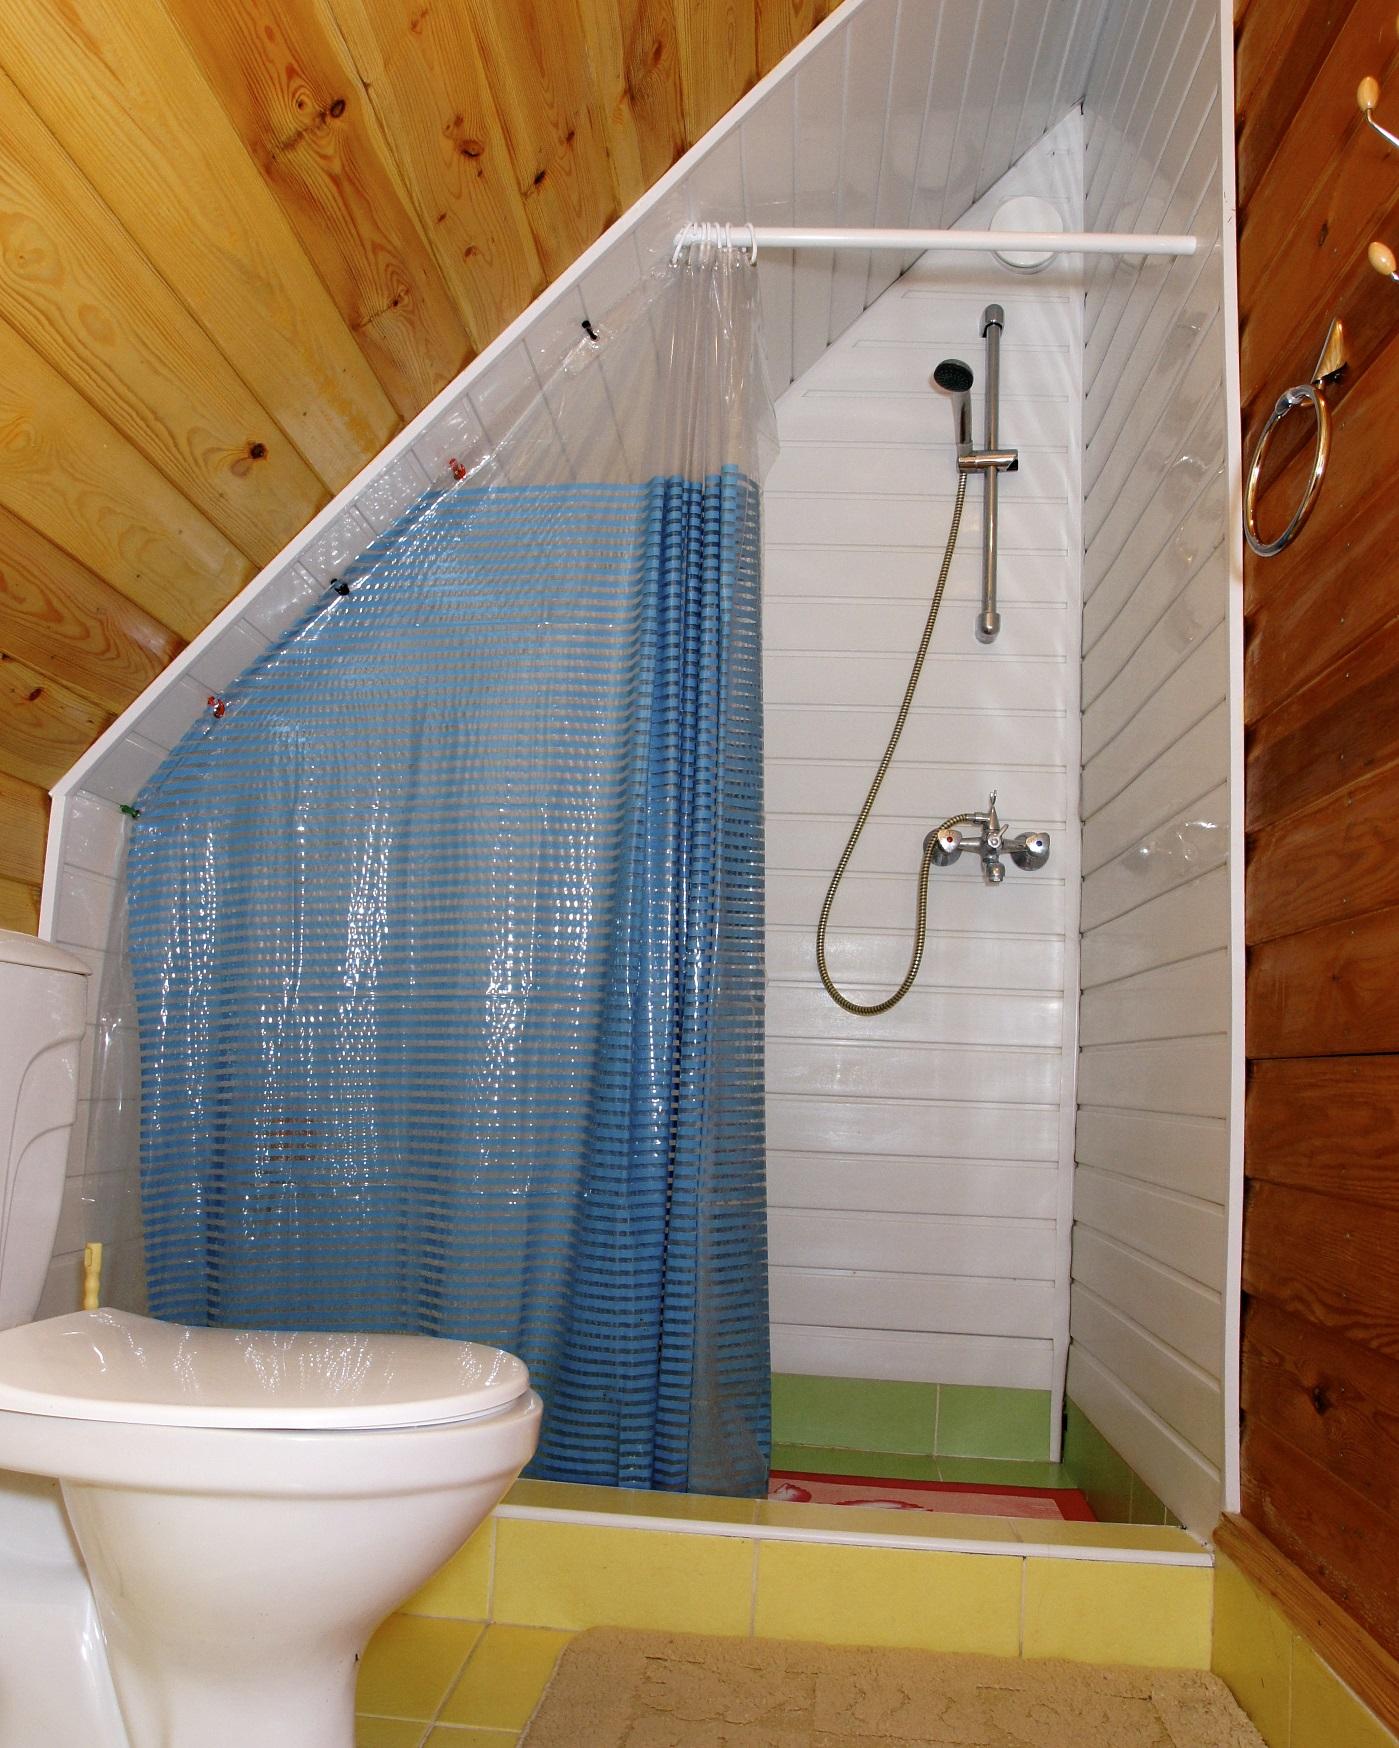 душ второго дома